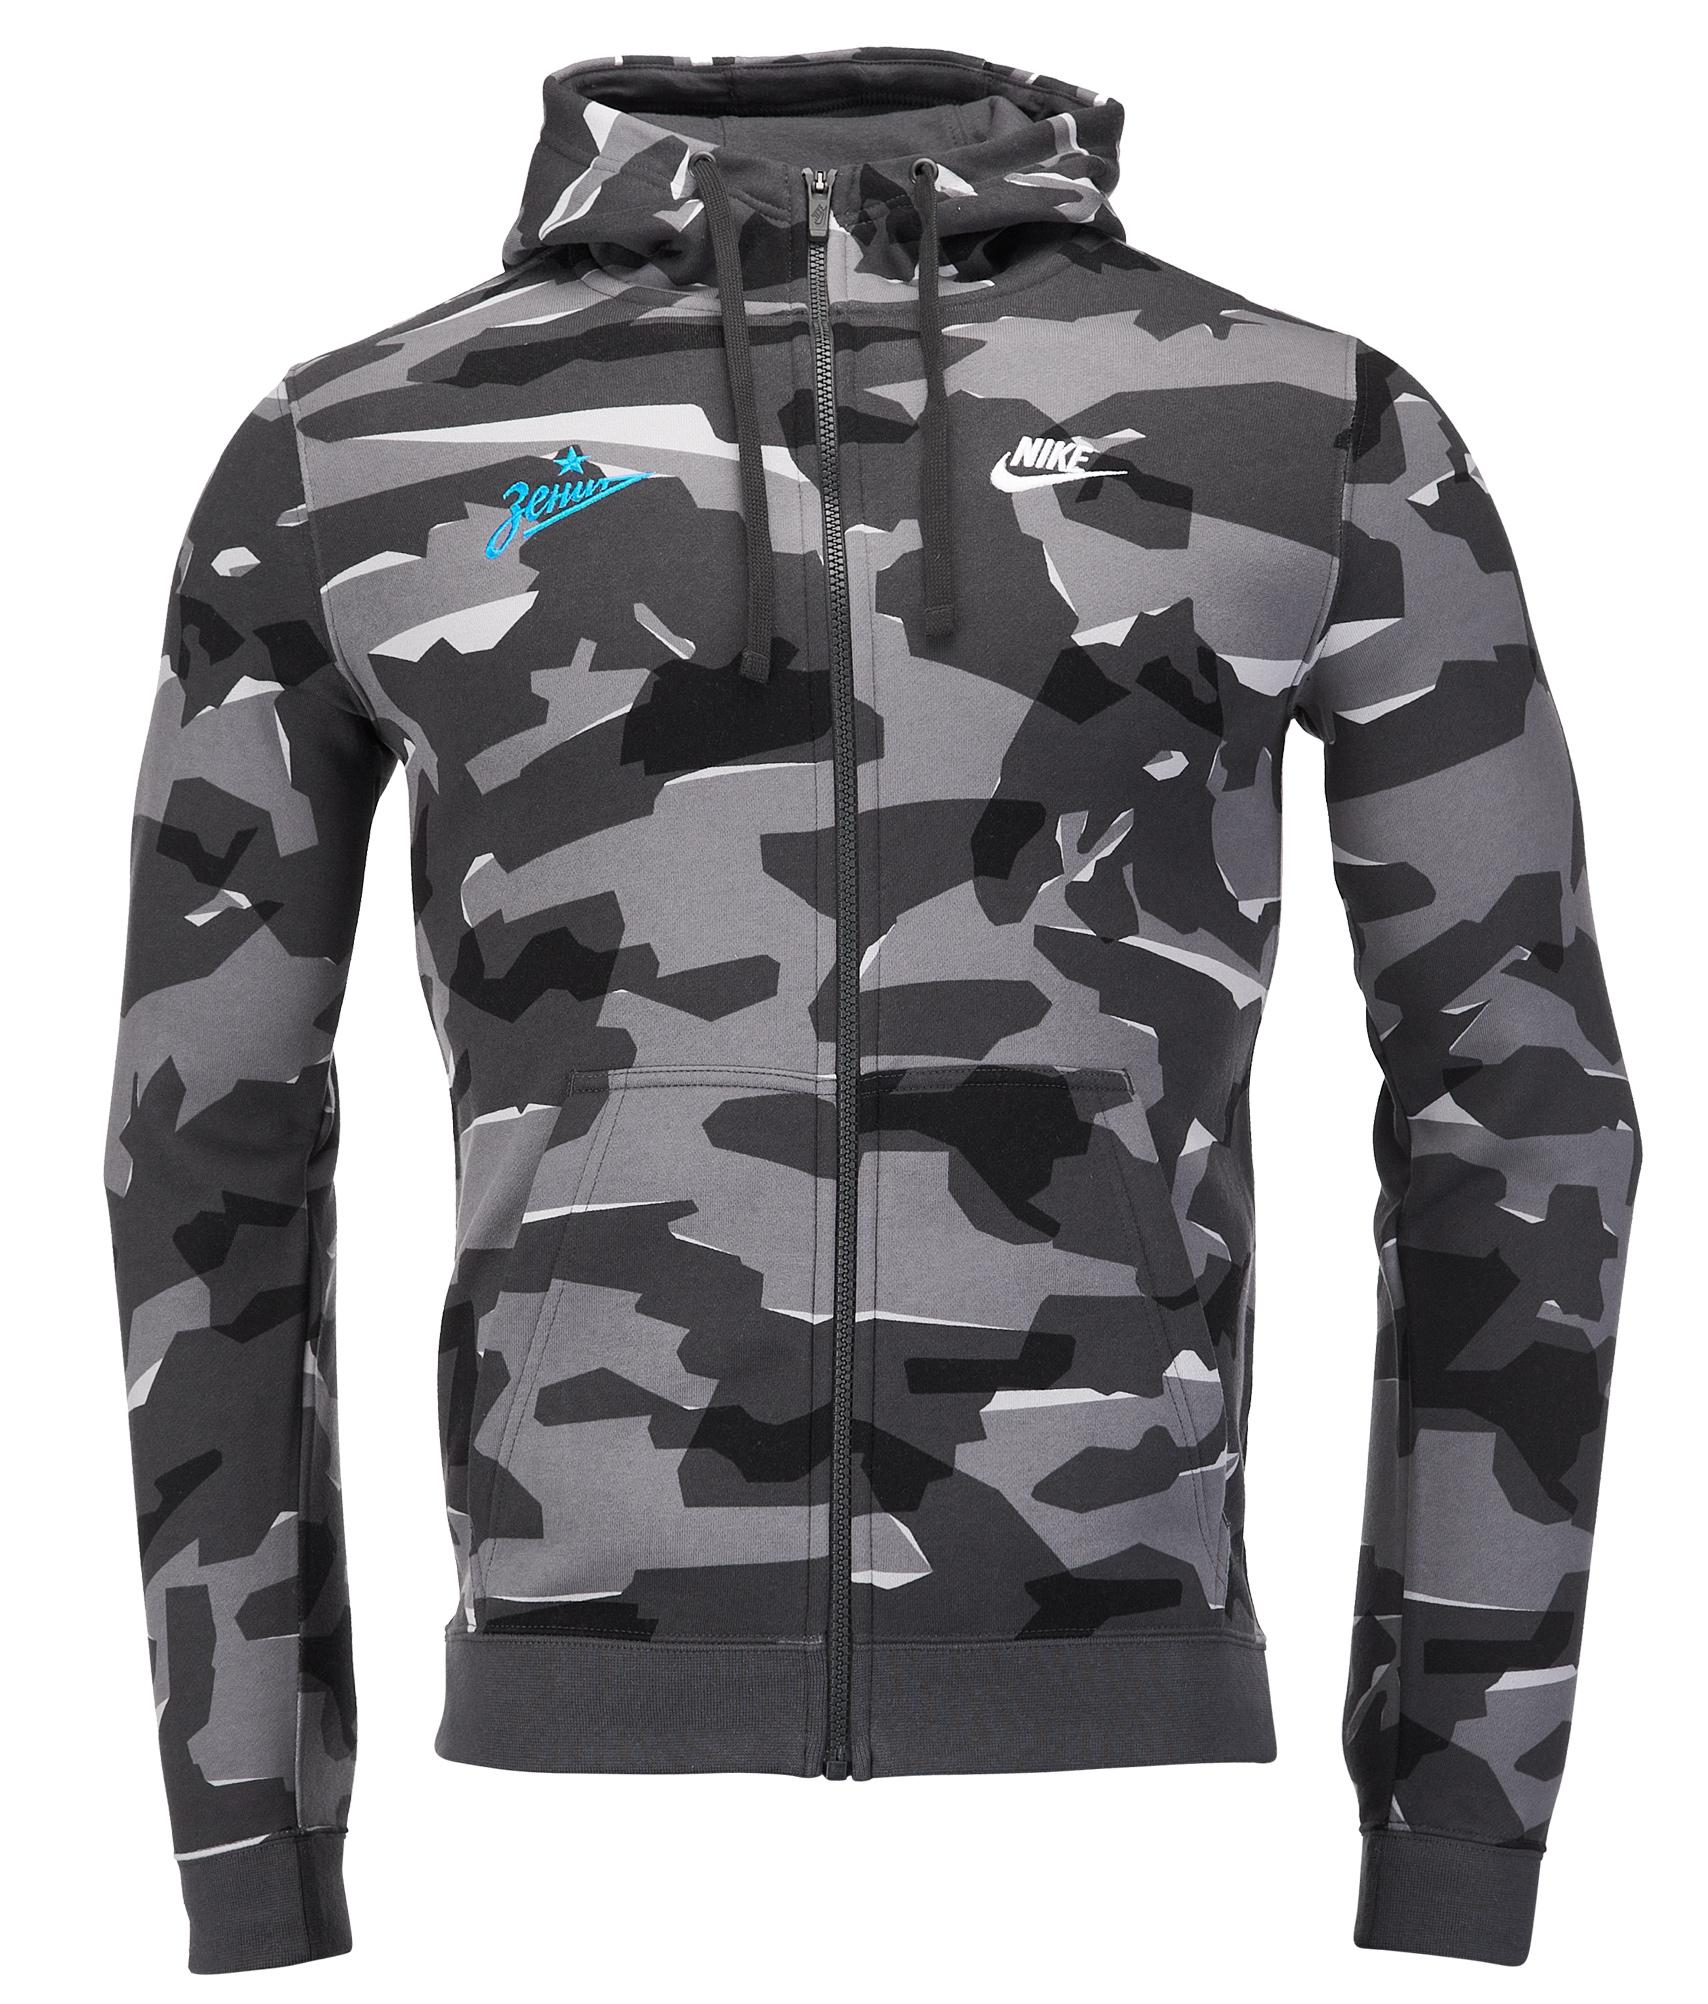 79766106 Толстовка с капюшоном Nike Zenit Camo AJ2105-065 купить за 5 150 руб в  интернет магазине ФК Зенит